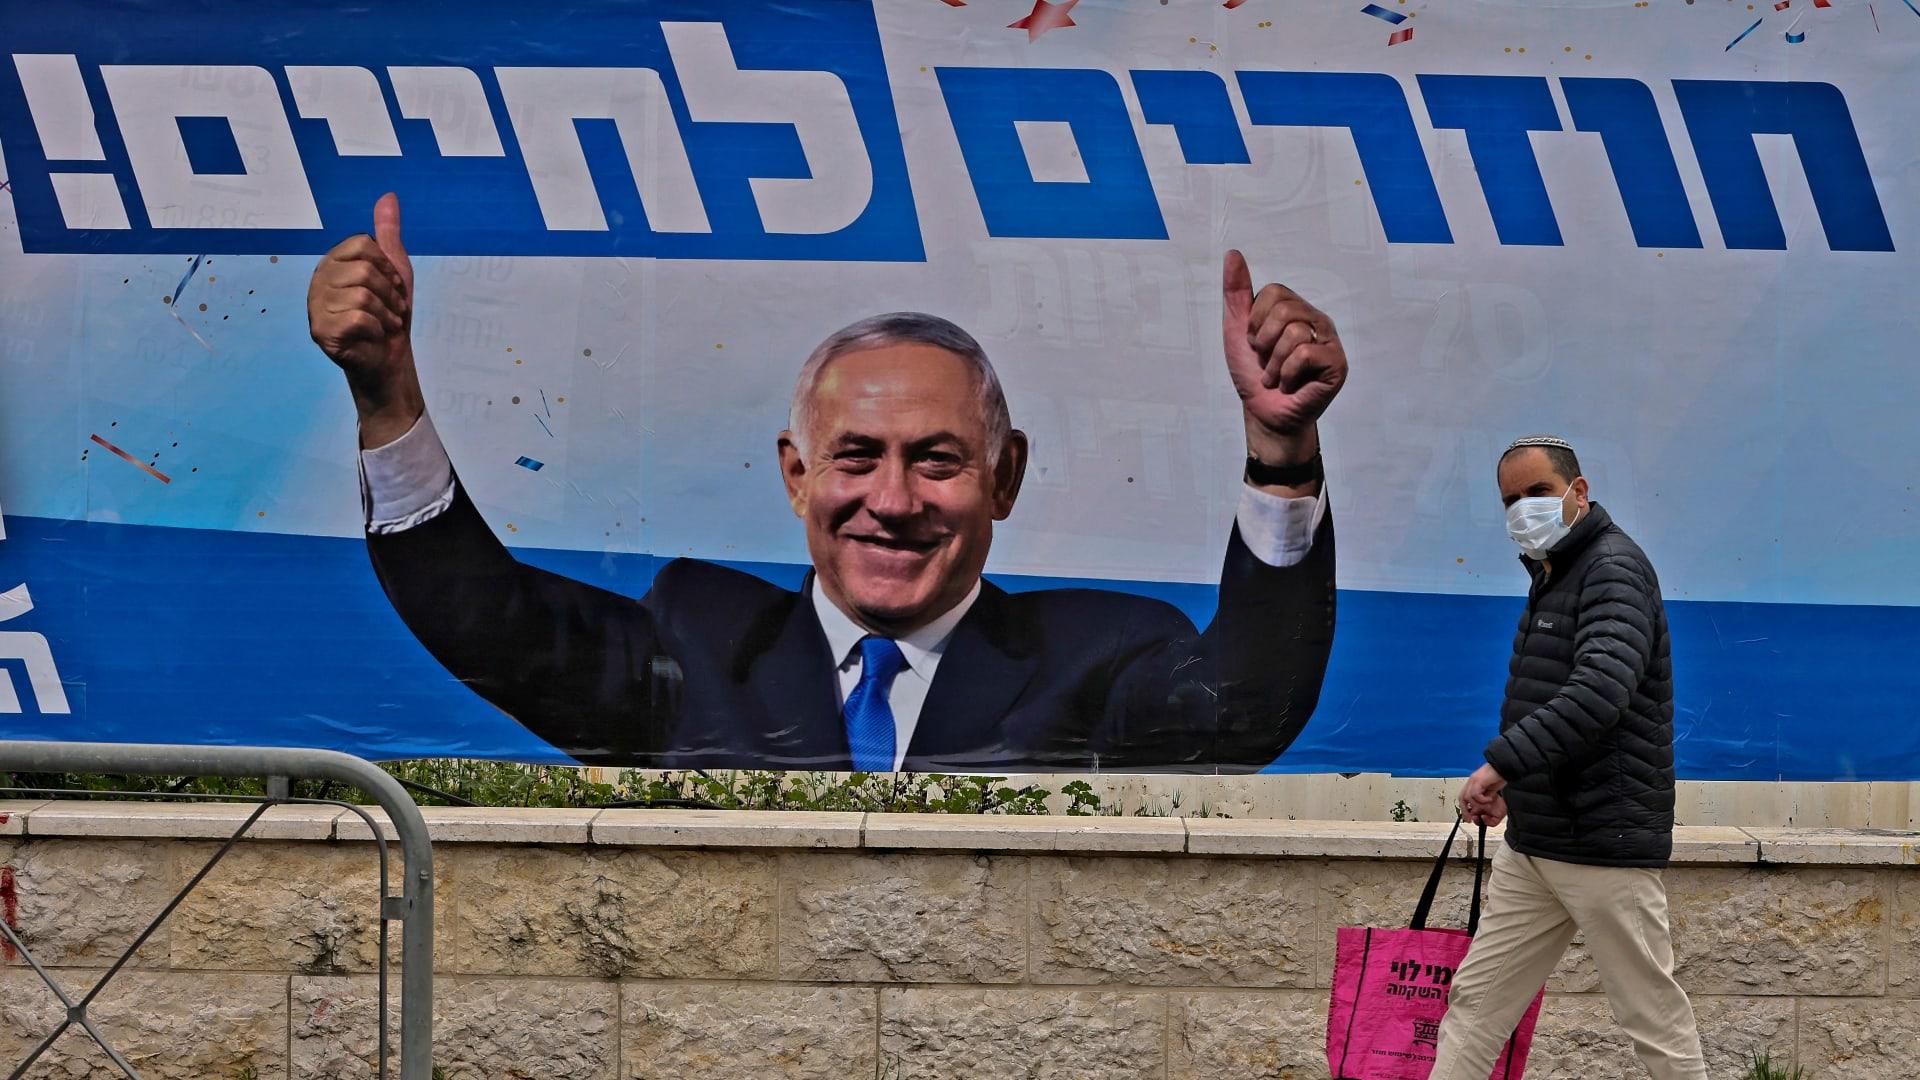 بنيامين نتنياهو يسعى للحصول على أصوات ناخبين من أماكن غير متوقعة